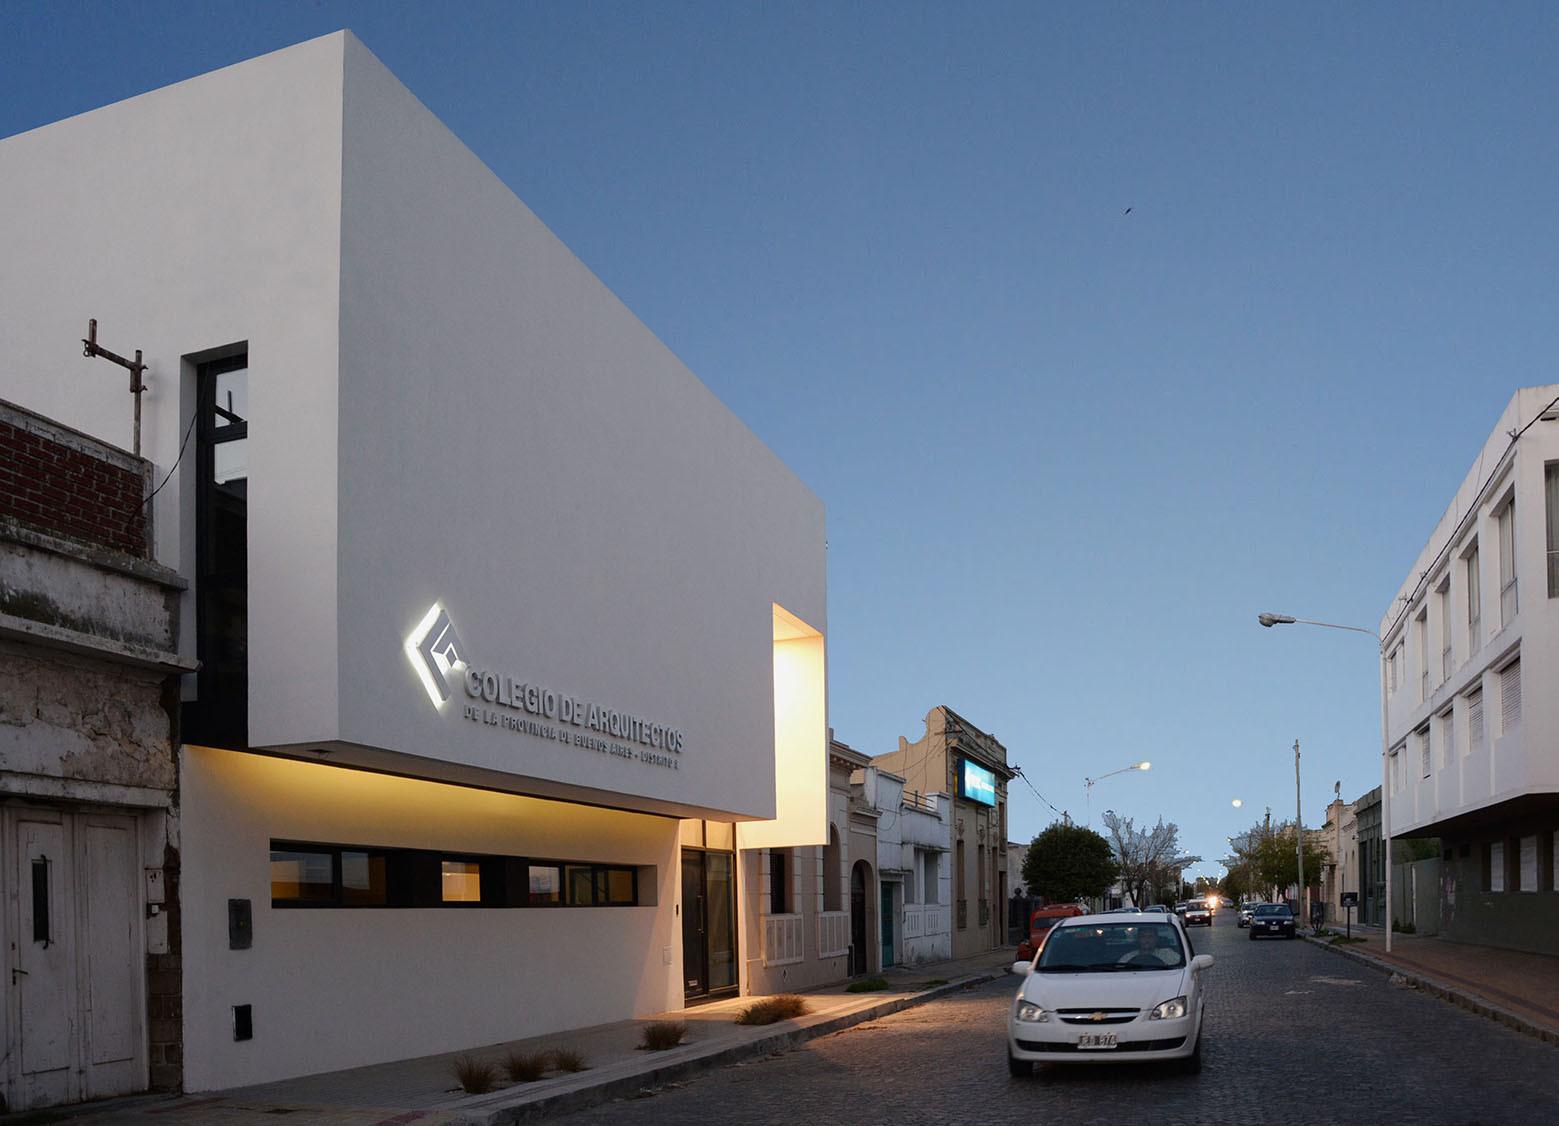 Colegio de Arquitectos de la  Provincia de Buenos Aires / Juan Pablo Denzoin, María Victoria Deguer , Luciana Cicconi, © Laura Deguer